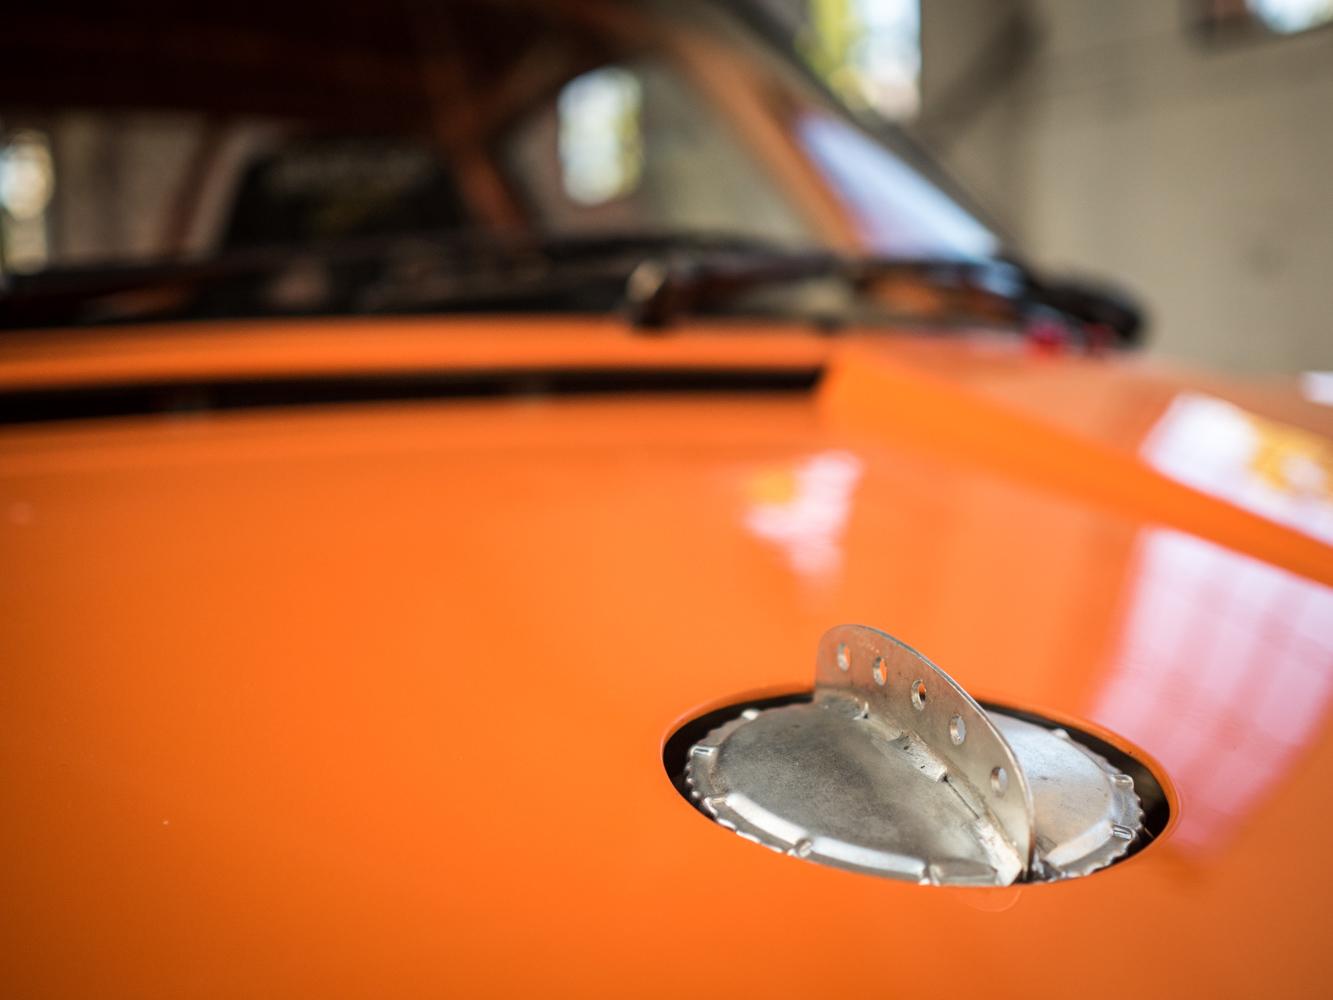 1969 Porsche 911 Carrera - 66.jpg.jpg